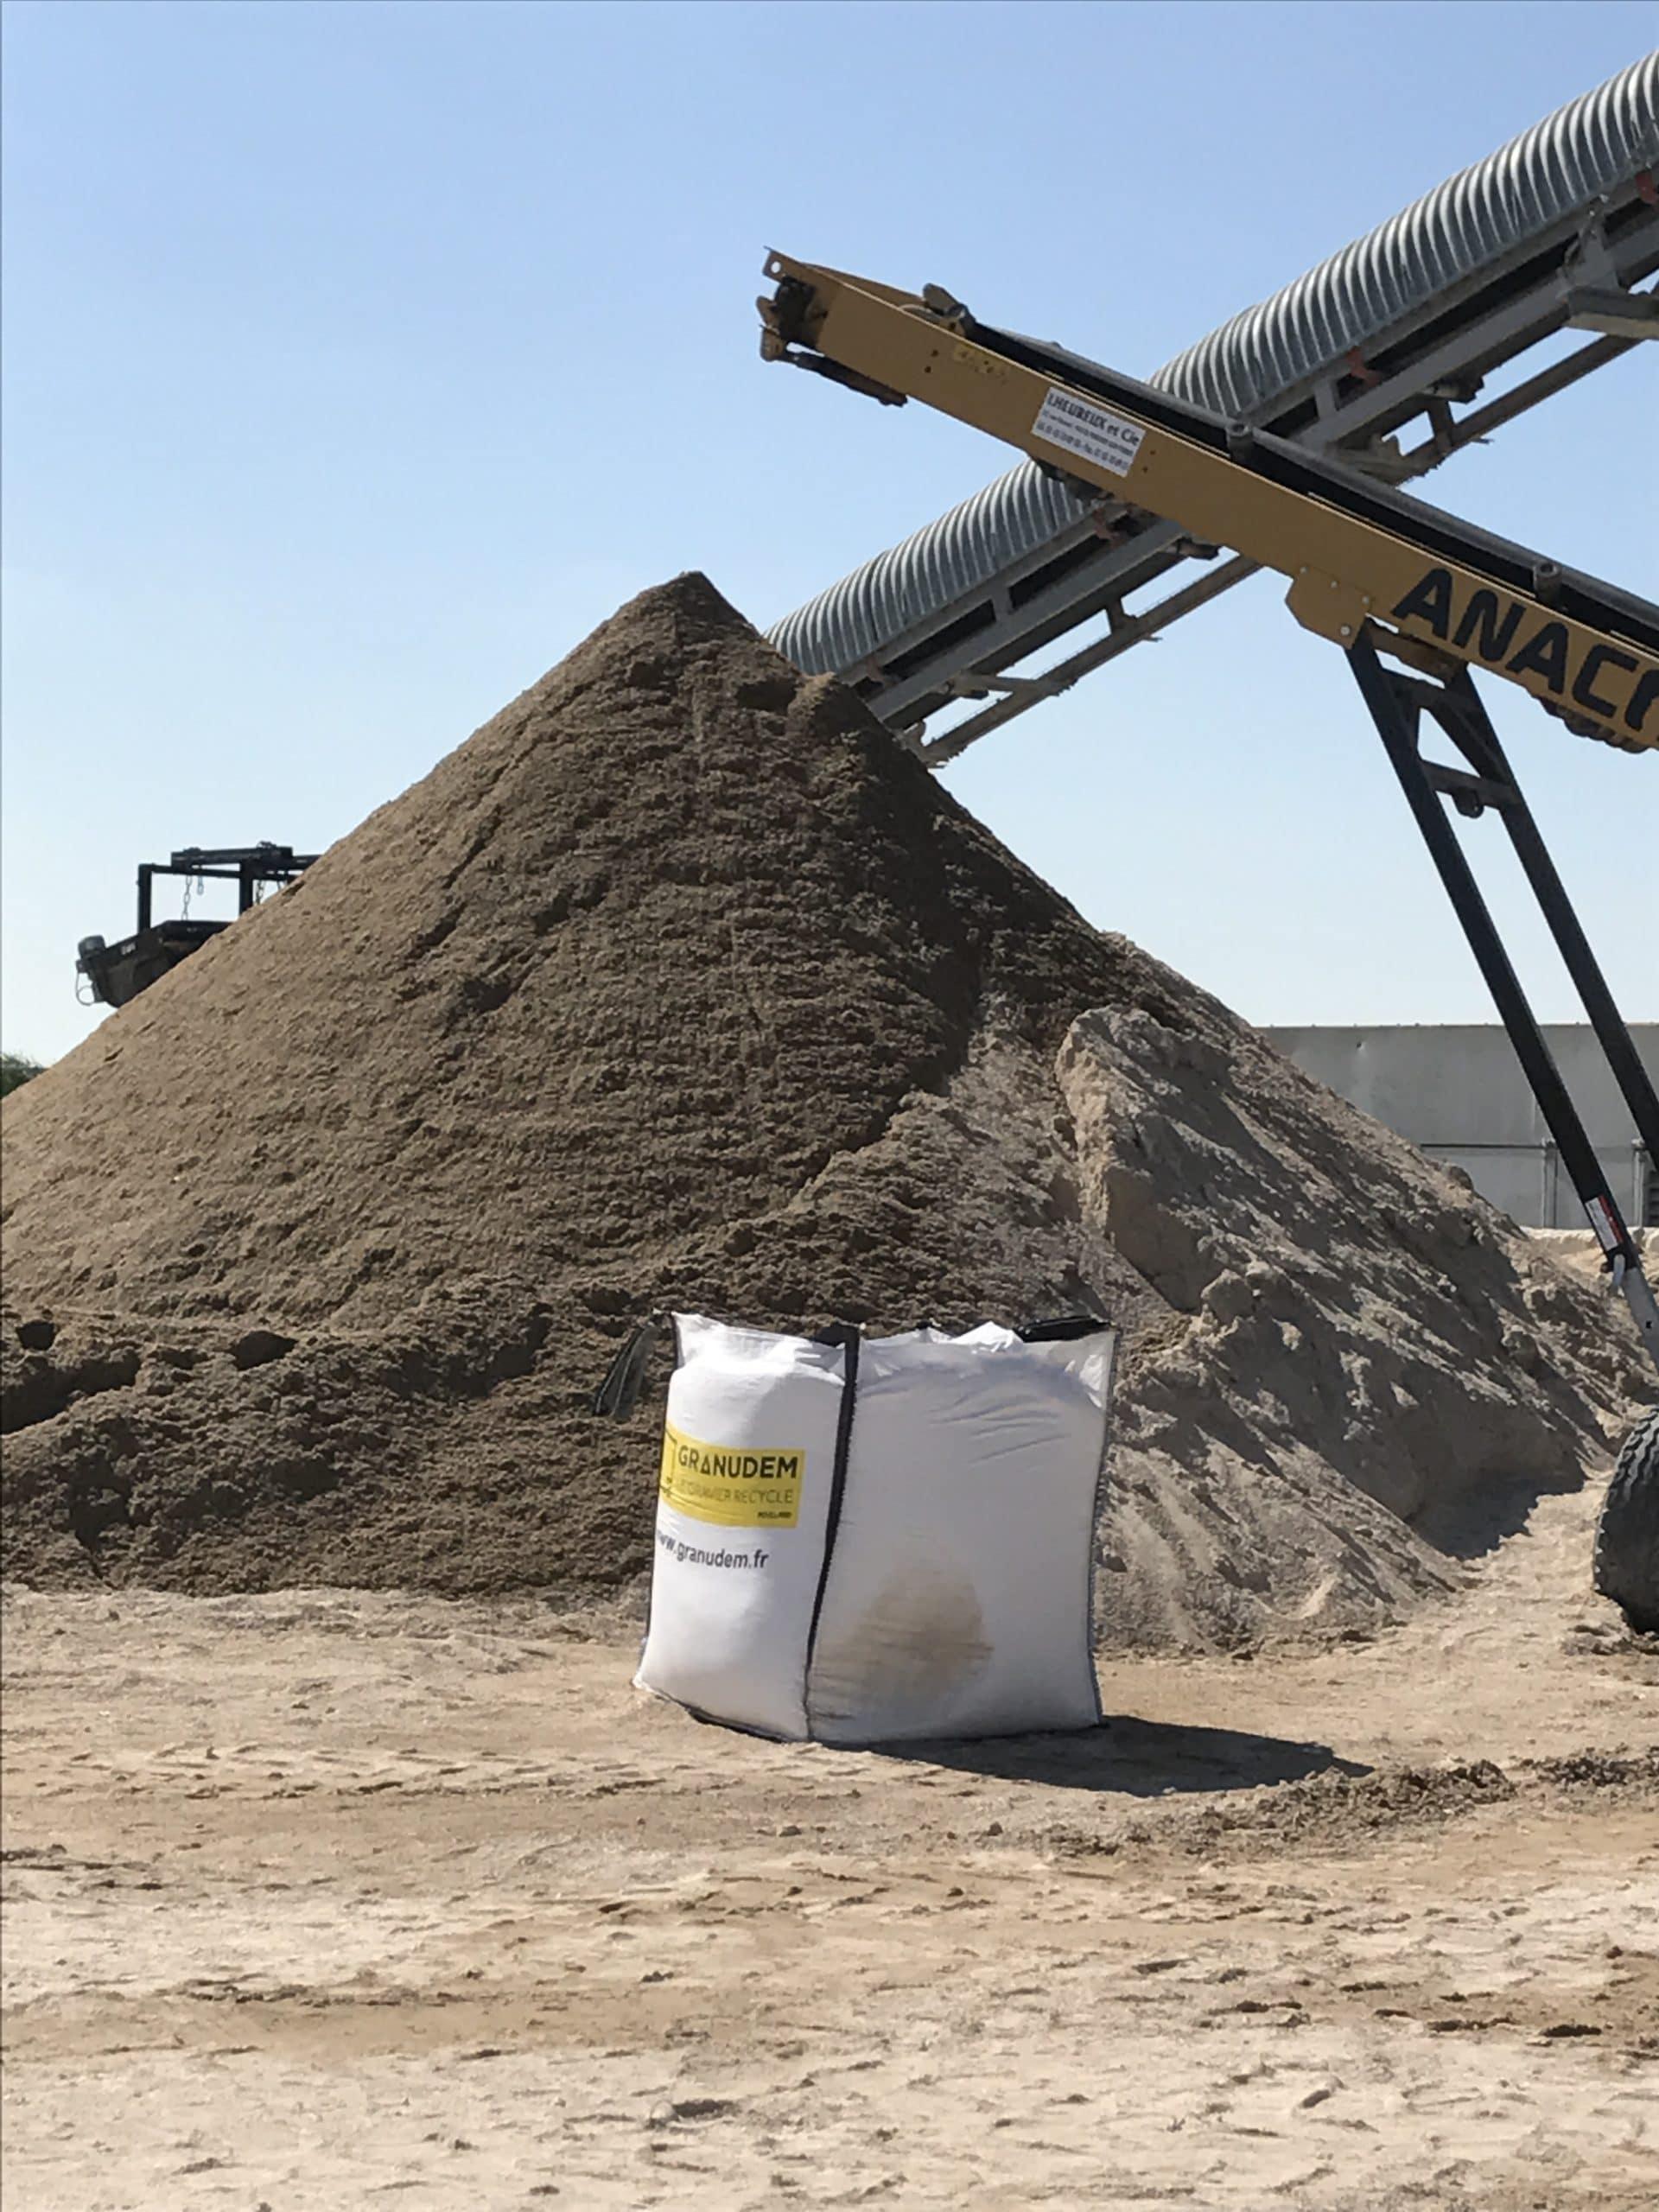 Granudem - Granulats et bétons recyclés - Site de transformation à Poisvilliers - 5